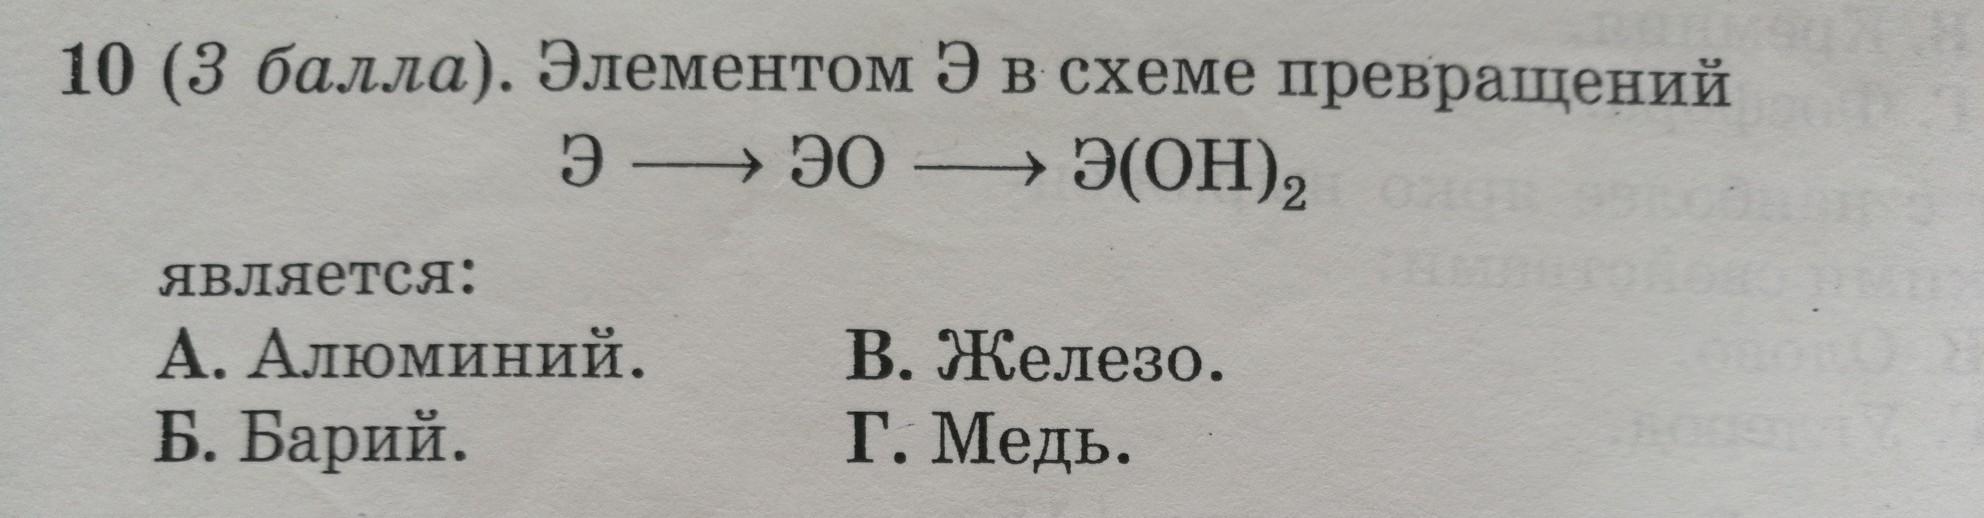 Элемент в схеме превращений э-эо2-н2эо3 с)na d)n e)s школьные.